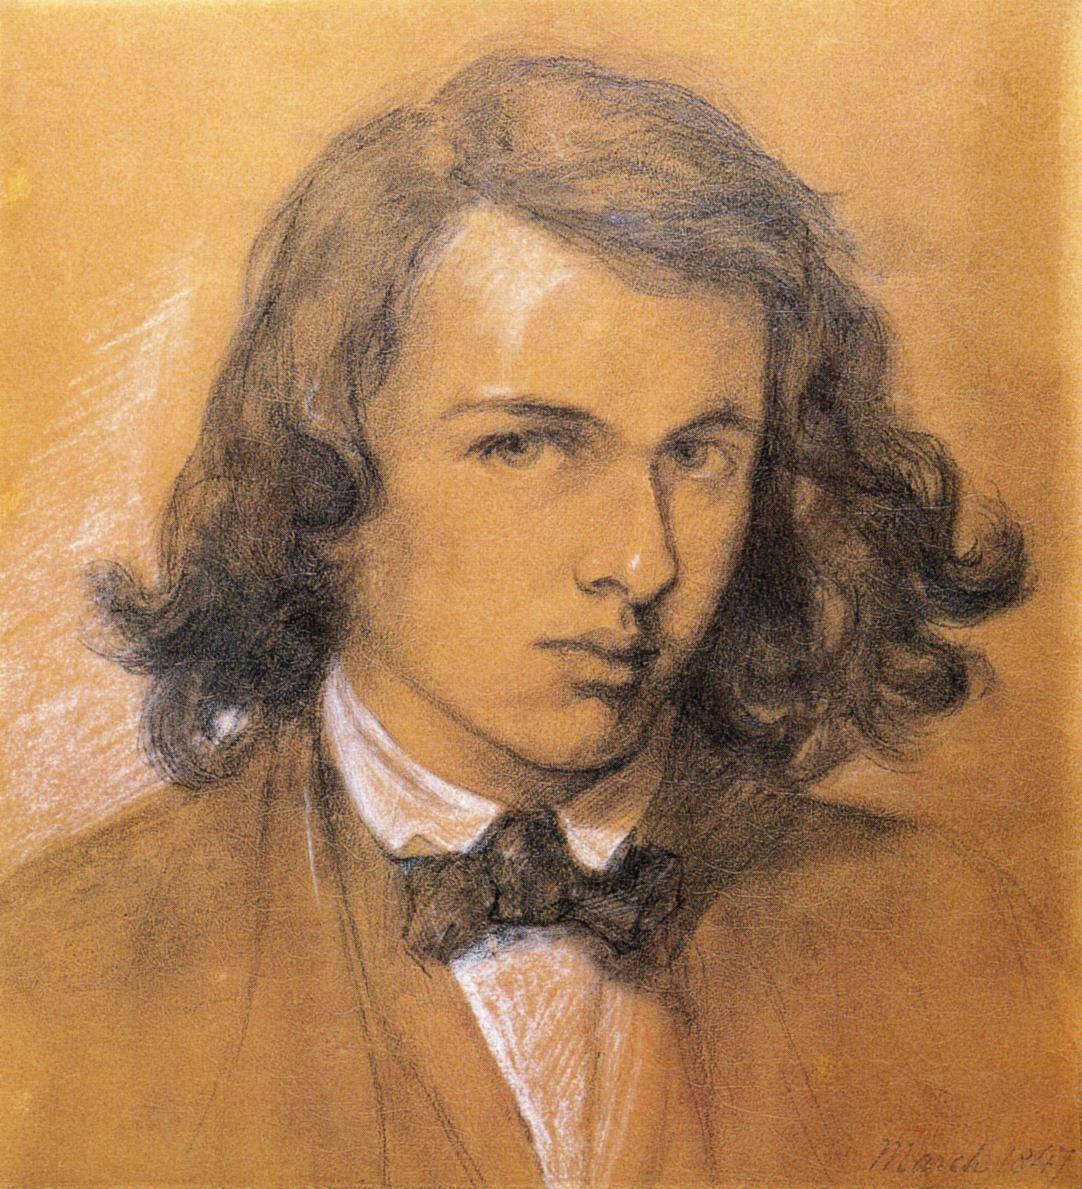 Dante Rossetti, self-portrait. National Portrait Gallery, London